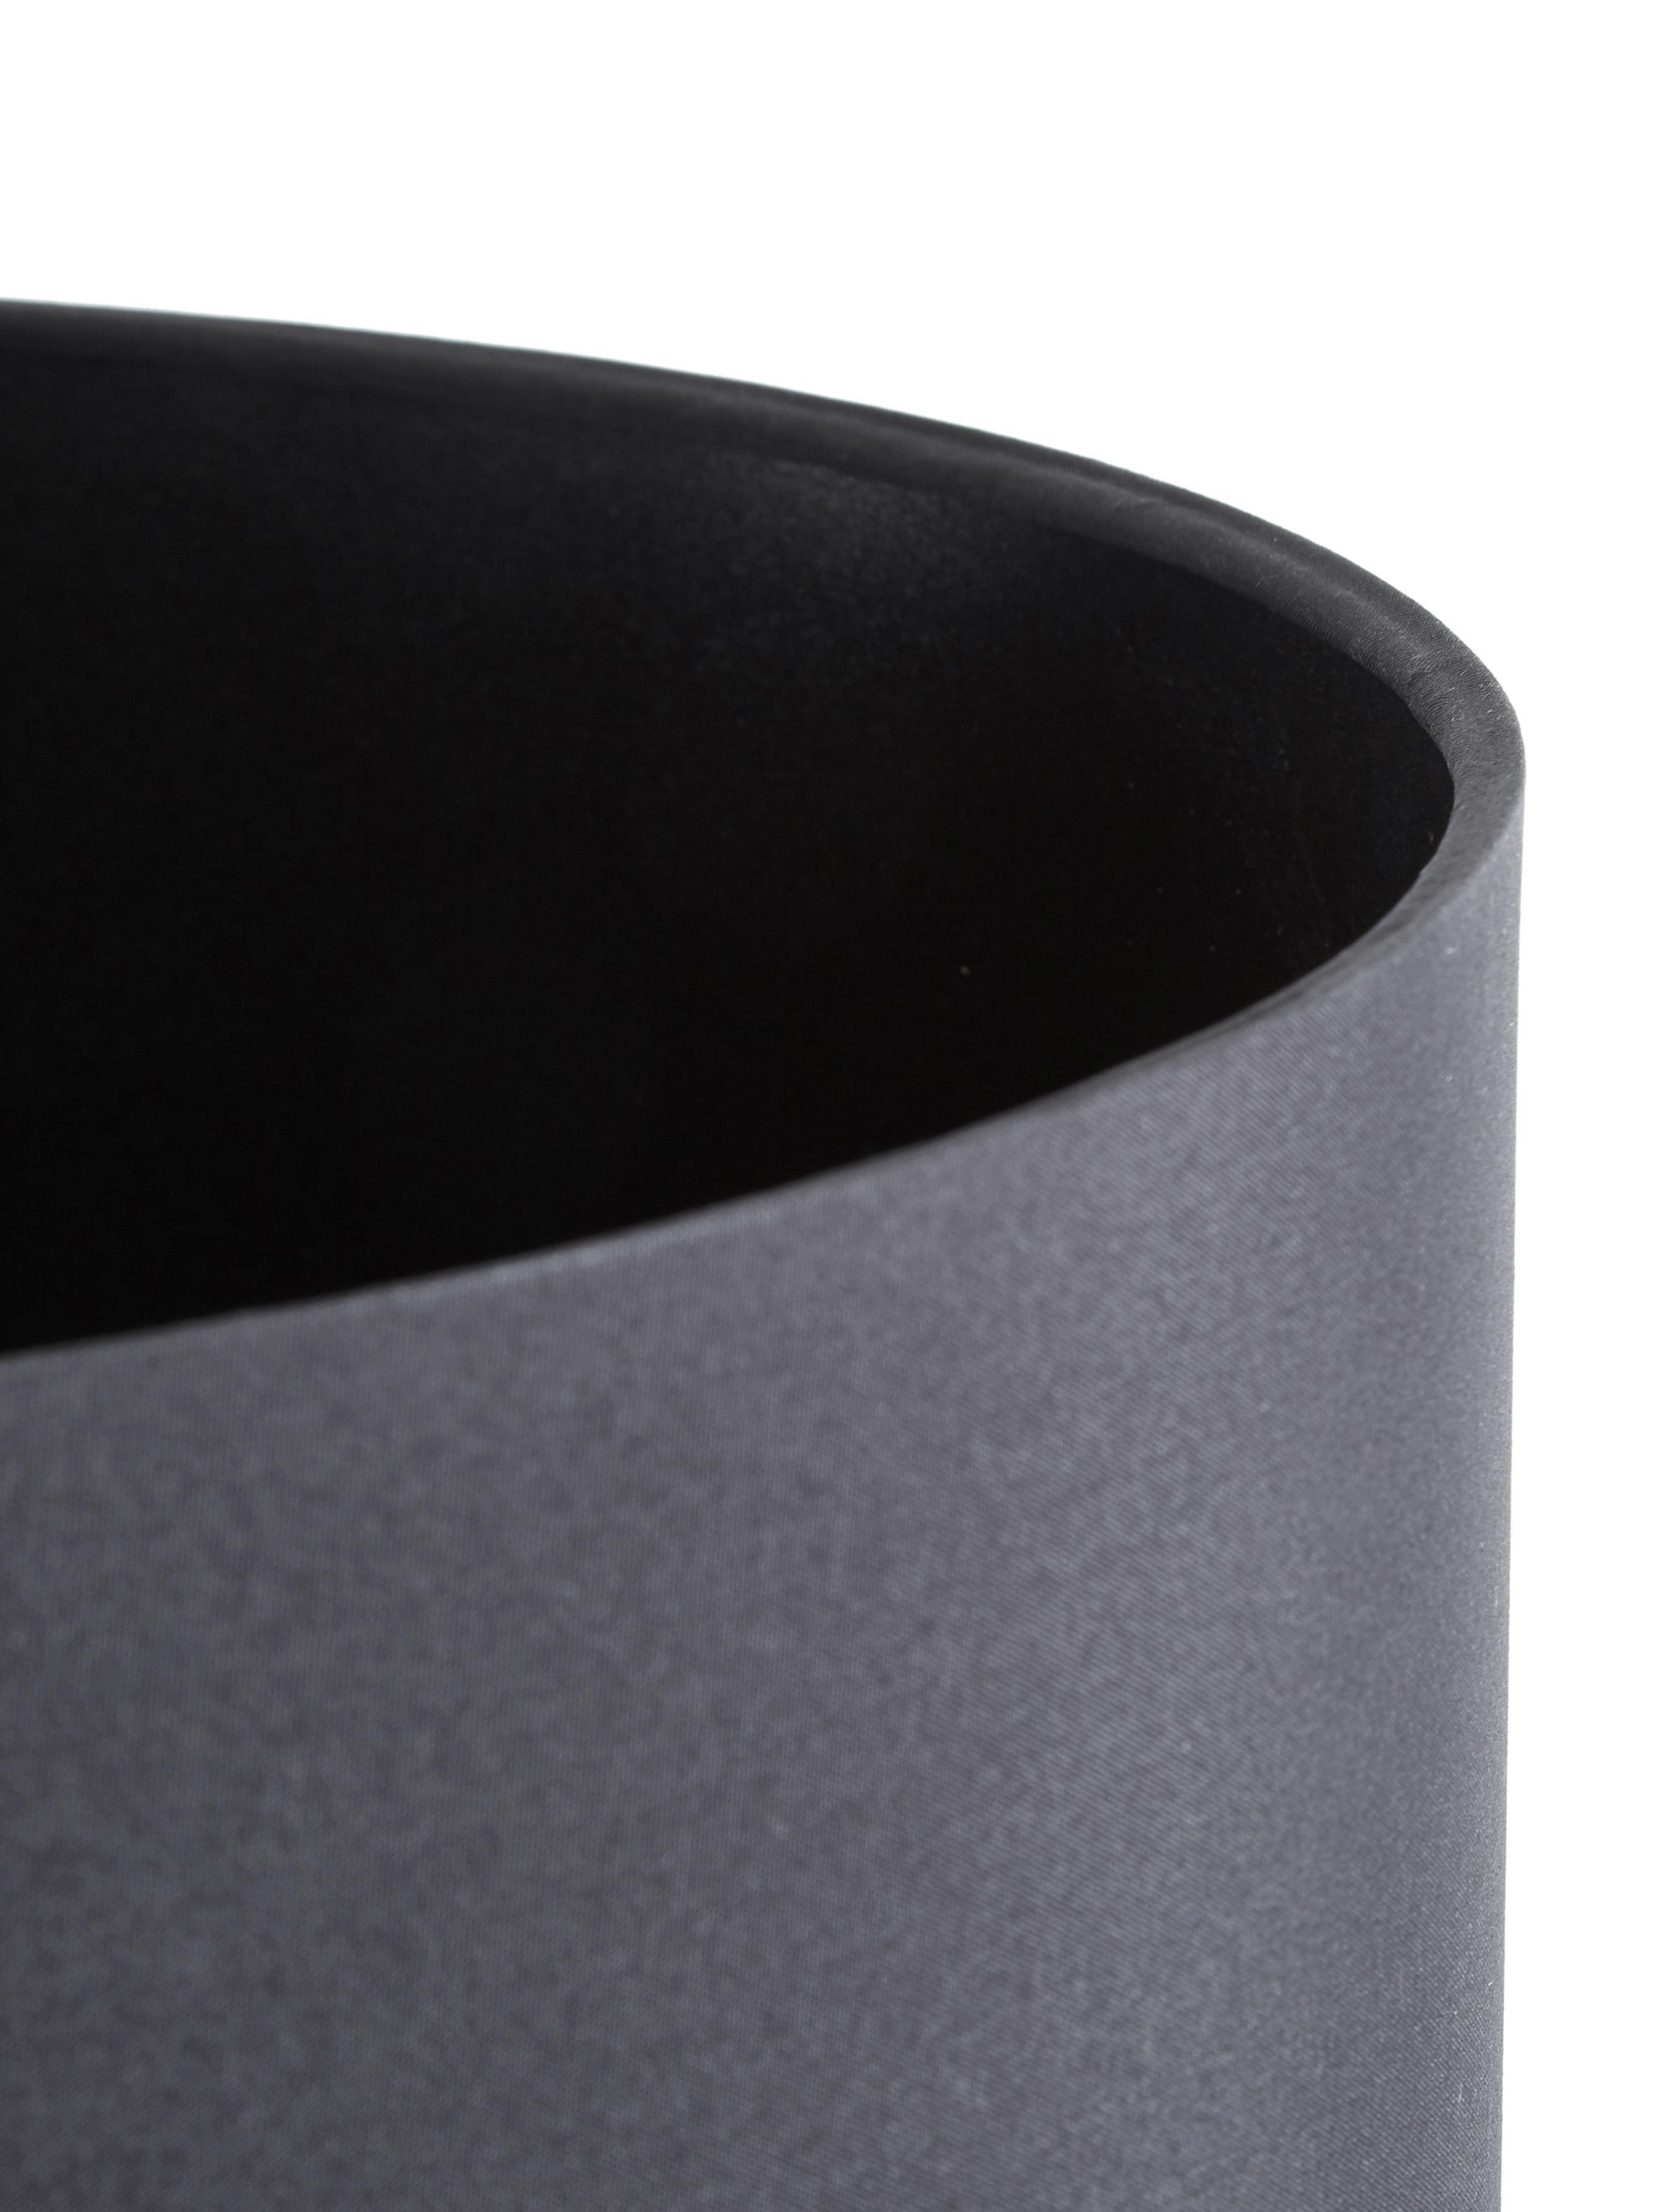 Stehlampe Harry, Lampenschirm: Textil, Lampenfuß: Metall, pulverbeschichtet, Schwarz, ∅ 28 x H 158 cm